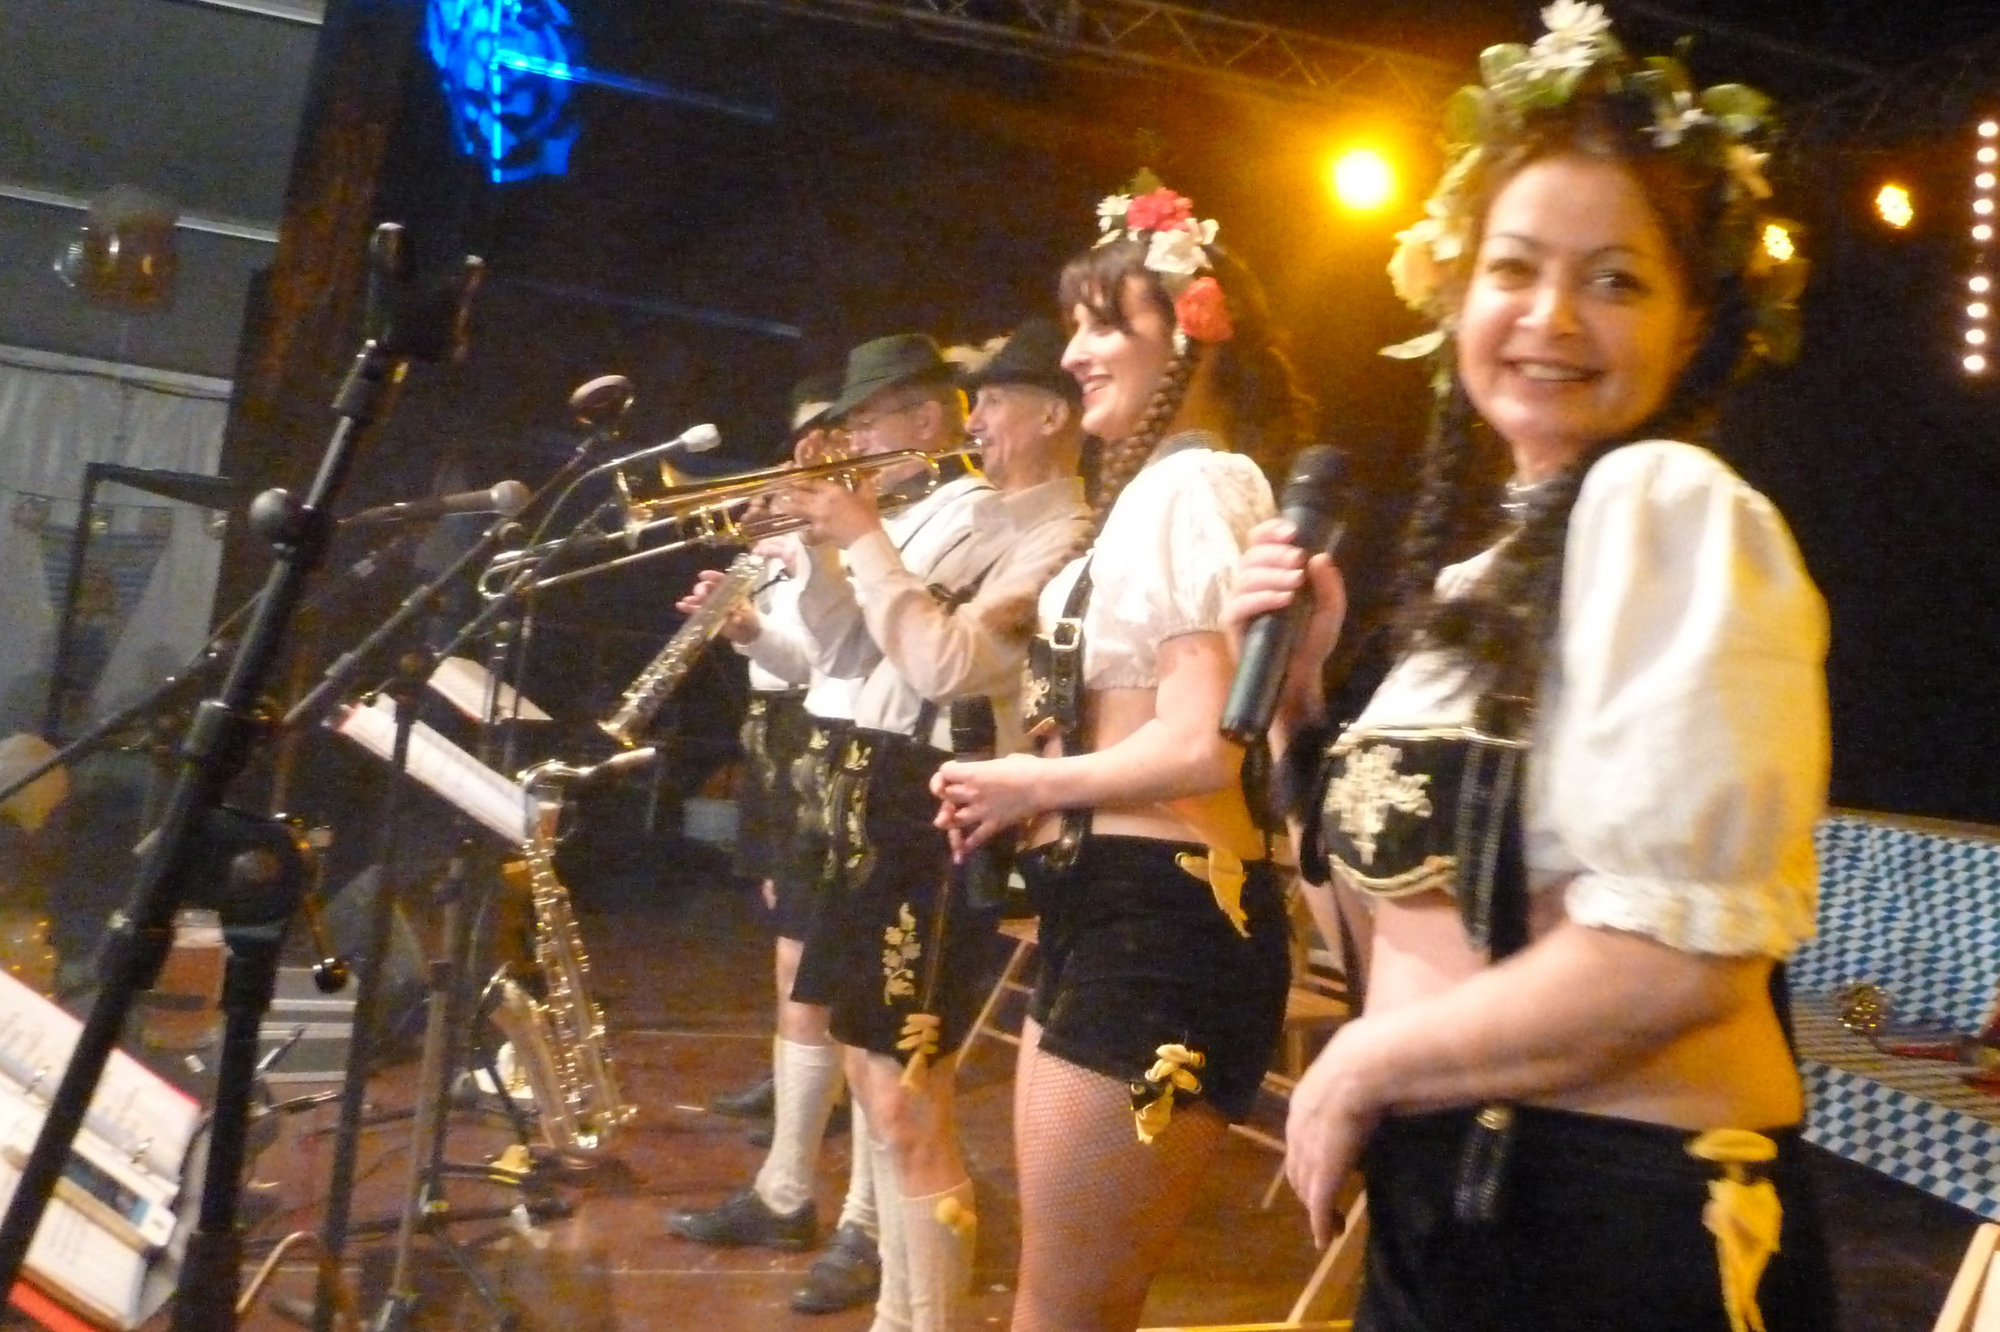 8b Orchestre bavarois à Sion ch, jeudi 12 février 2015 musiciens bavarois tente bal